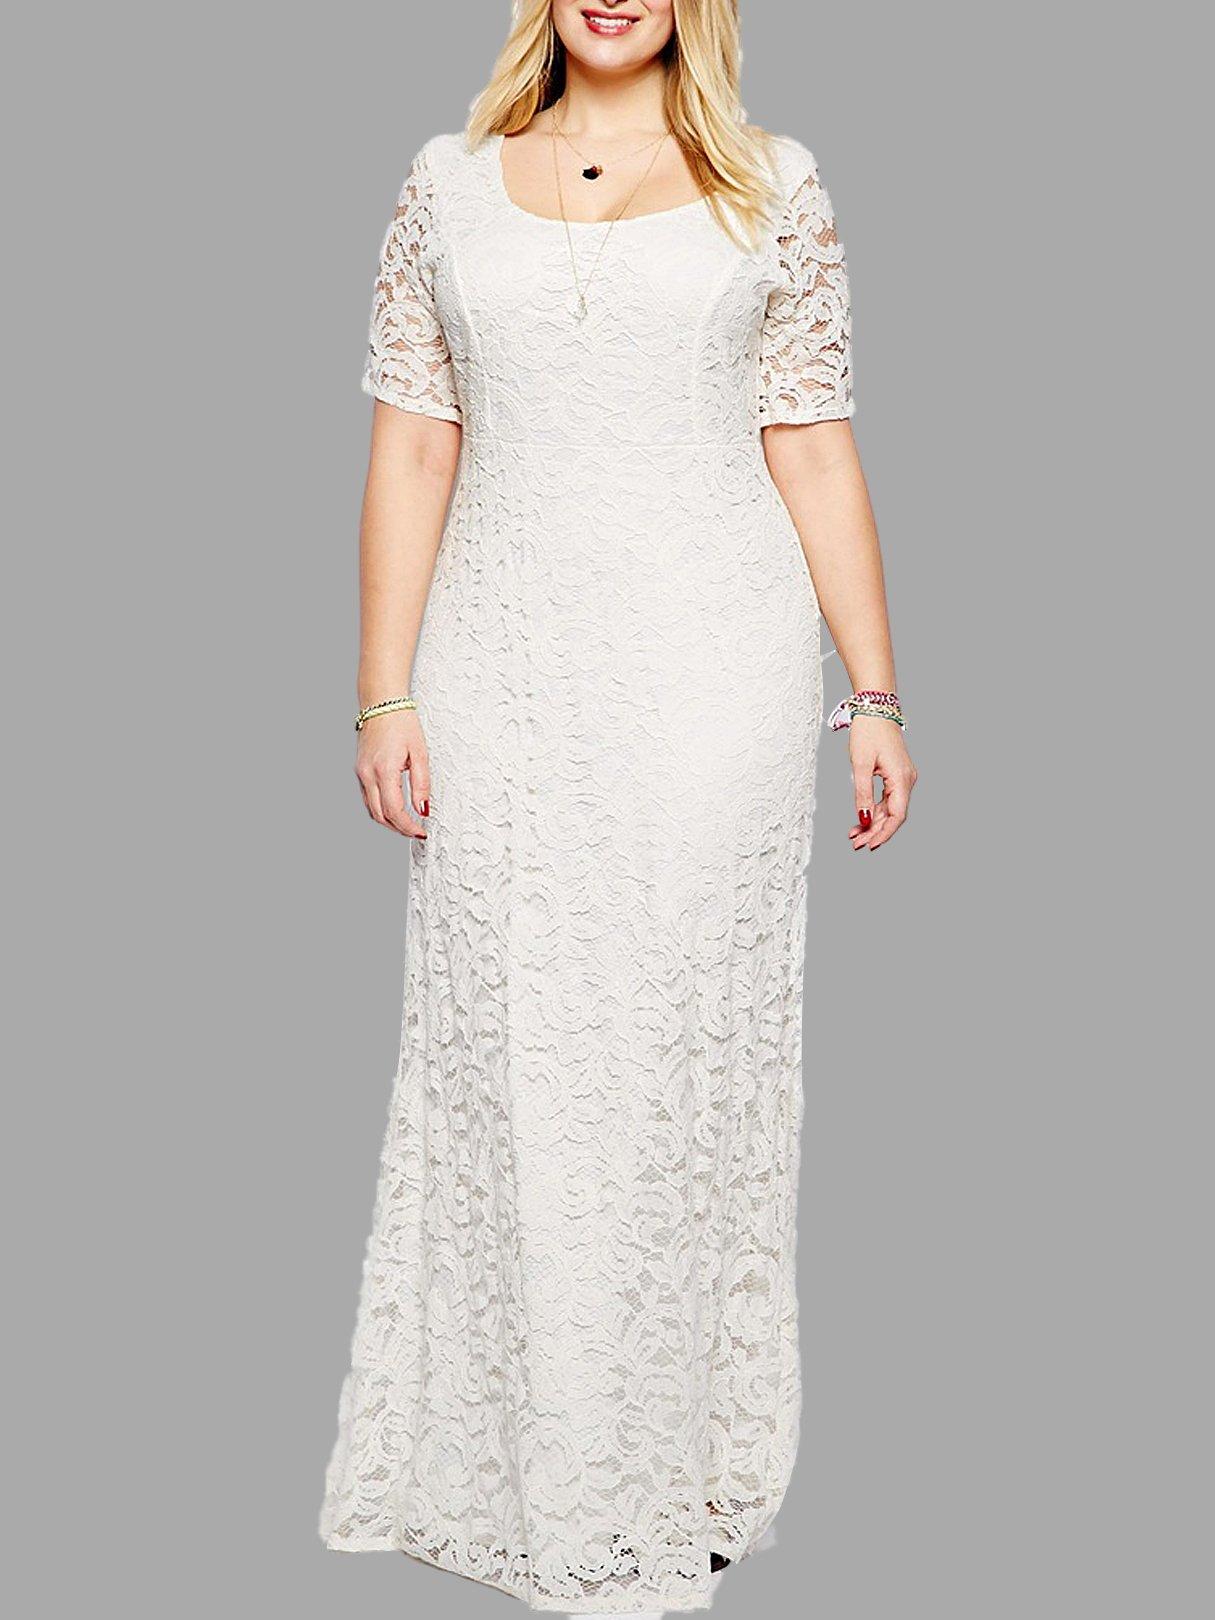 Plus Size White Floral Lace Maxi Dress